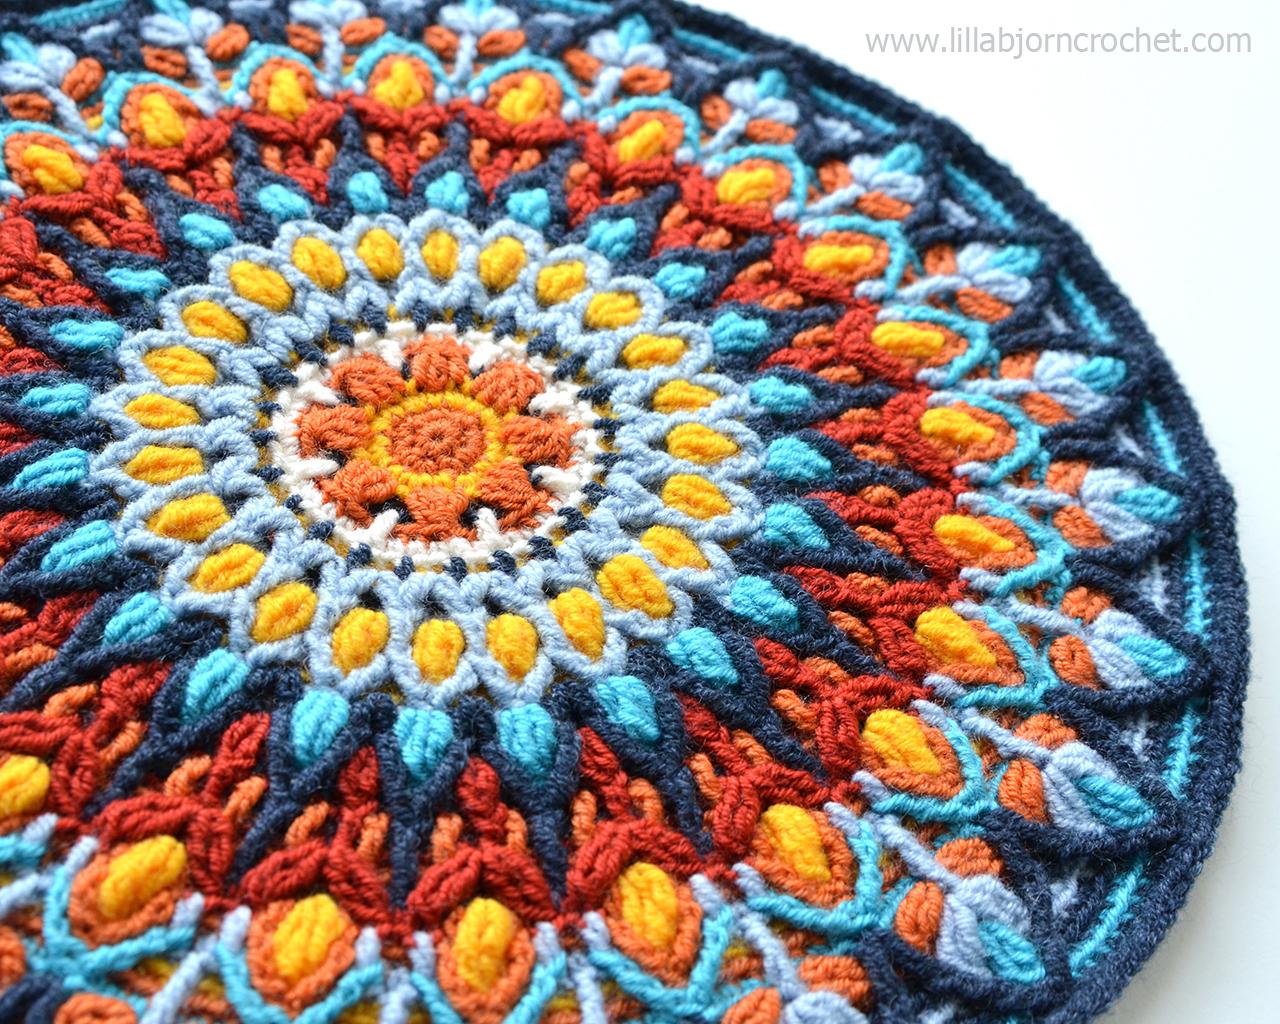 Spanish Mandala Create Your Own Sun LillaBjrns